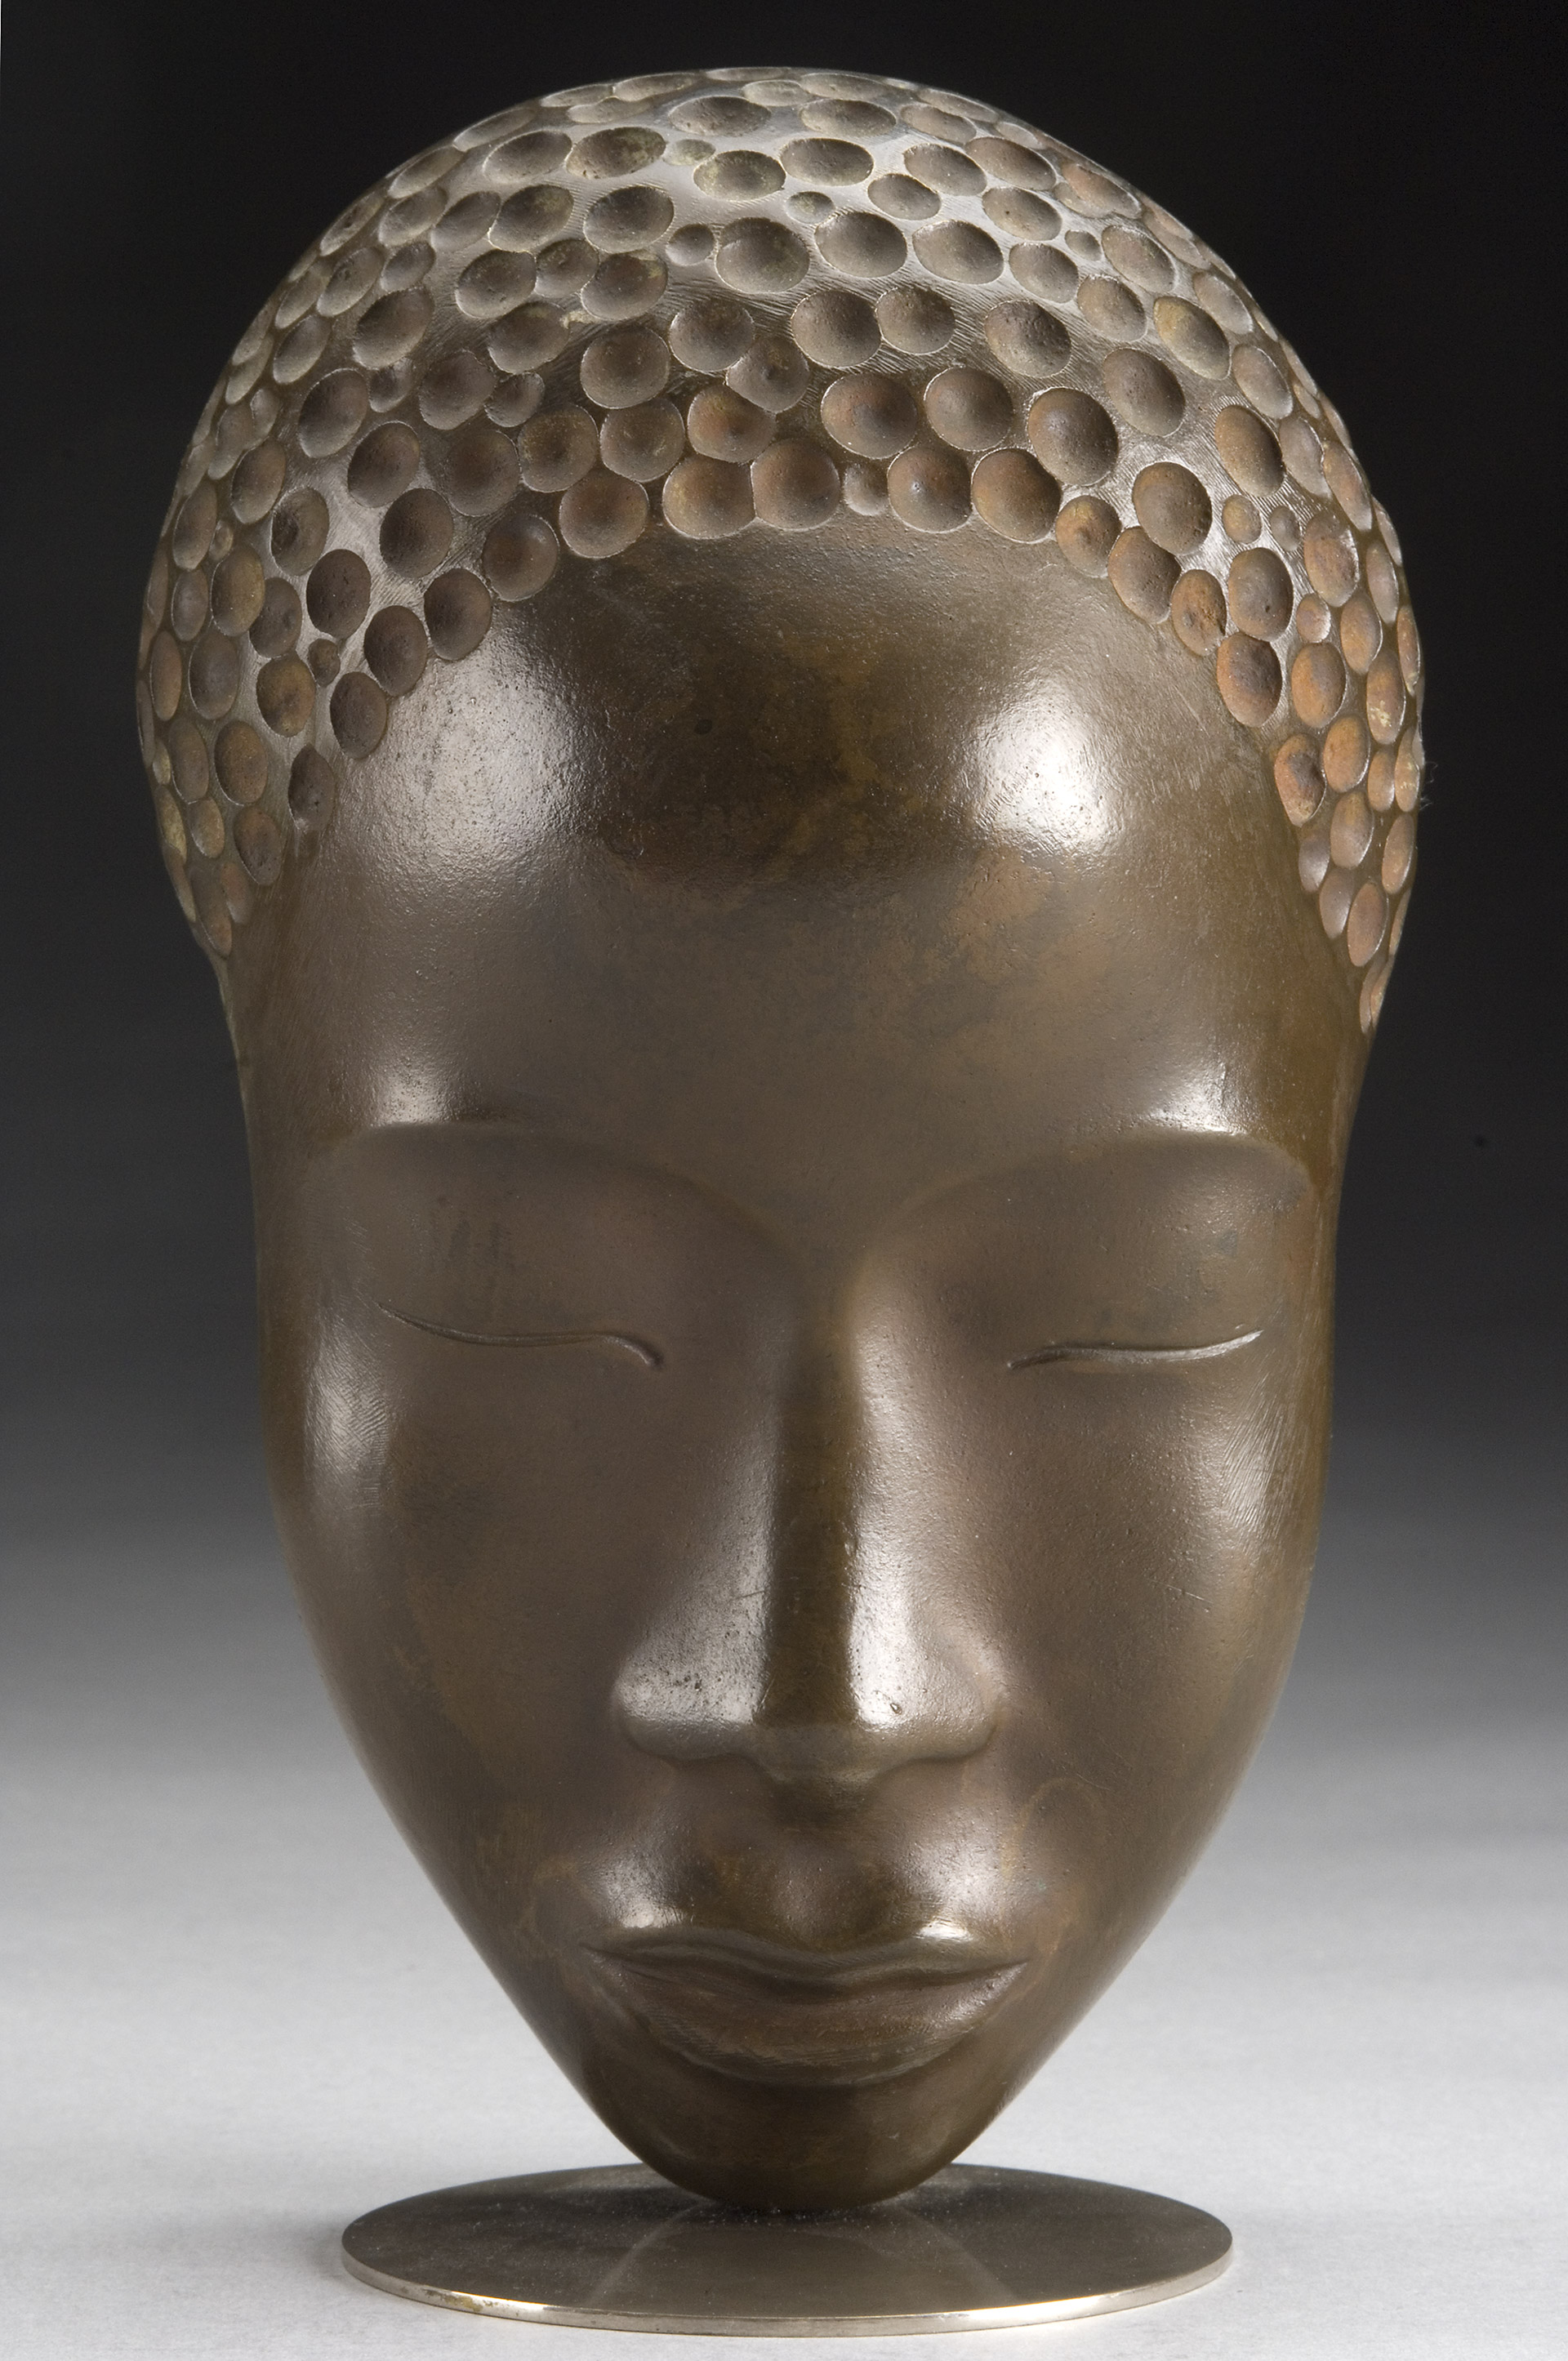 Jacksons Sculpture Karl Hagenauer